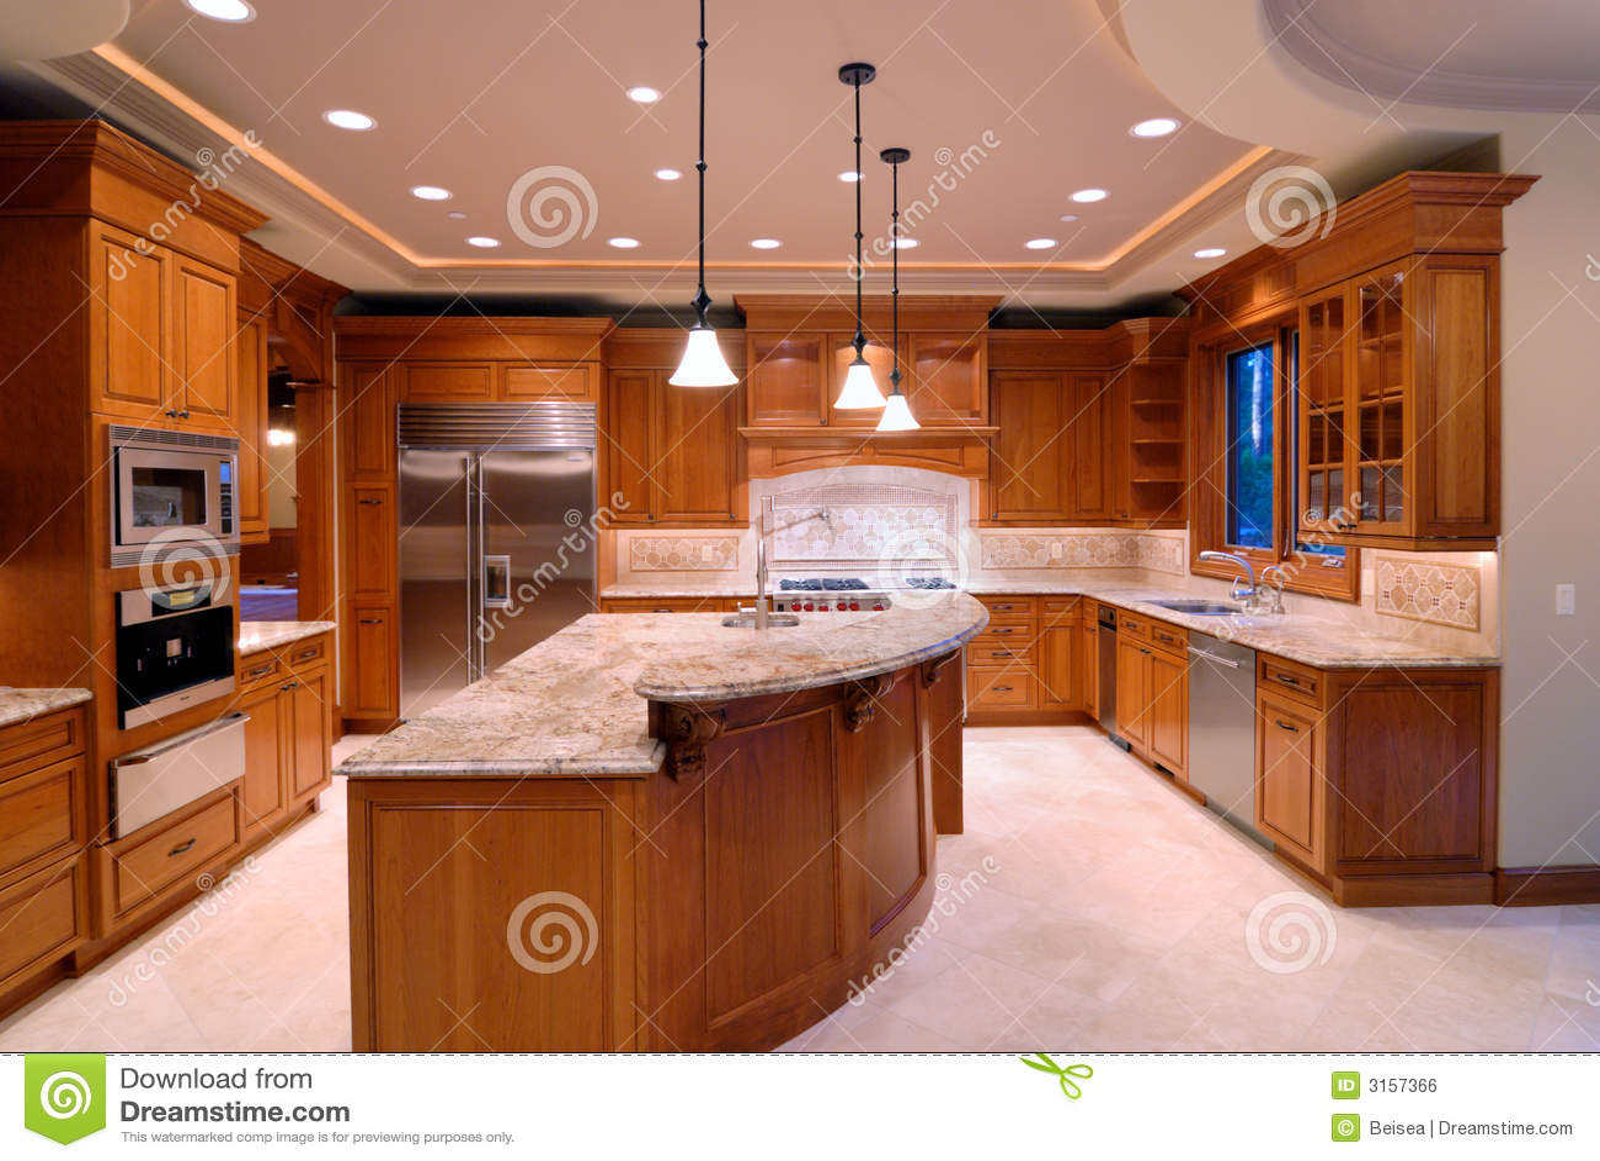 Cocina grande foto de archivo imagen de iluminaci n for Cocinas grandes